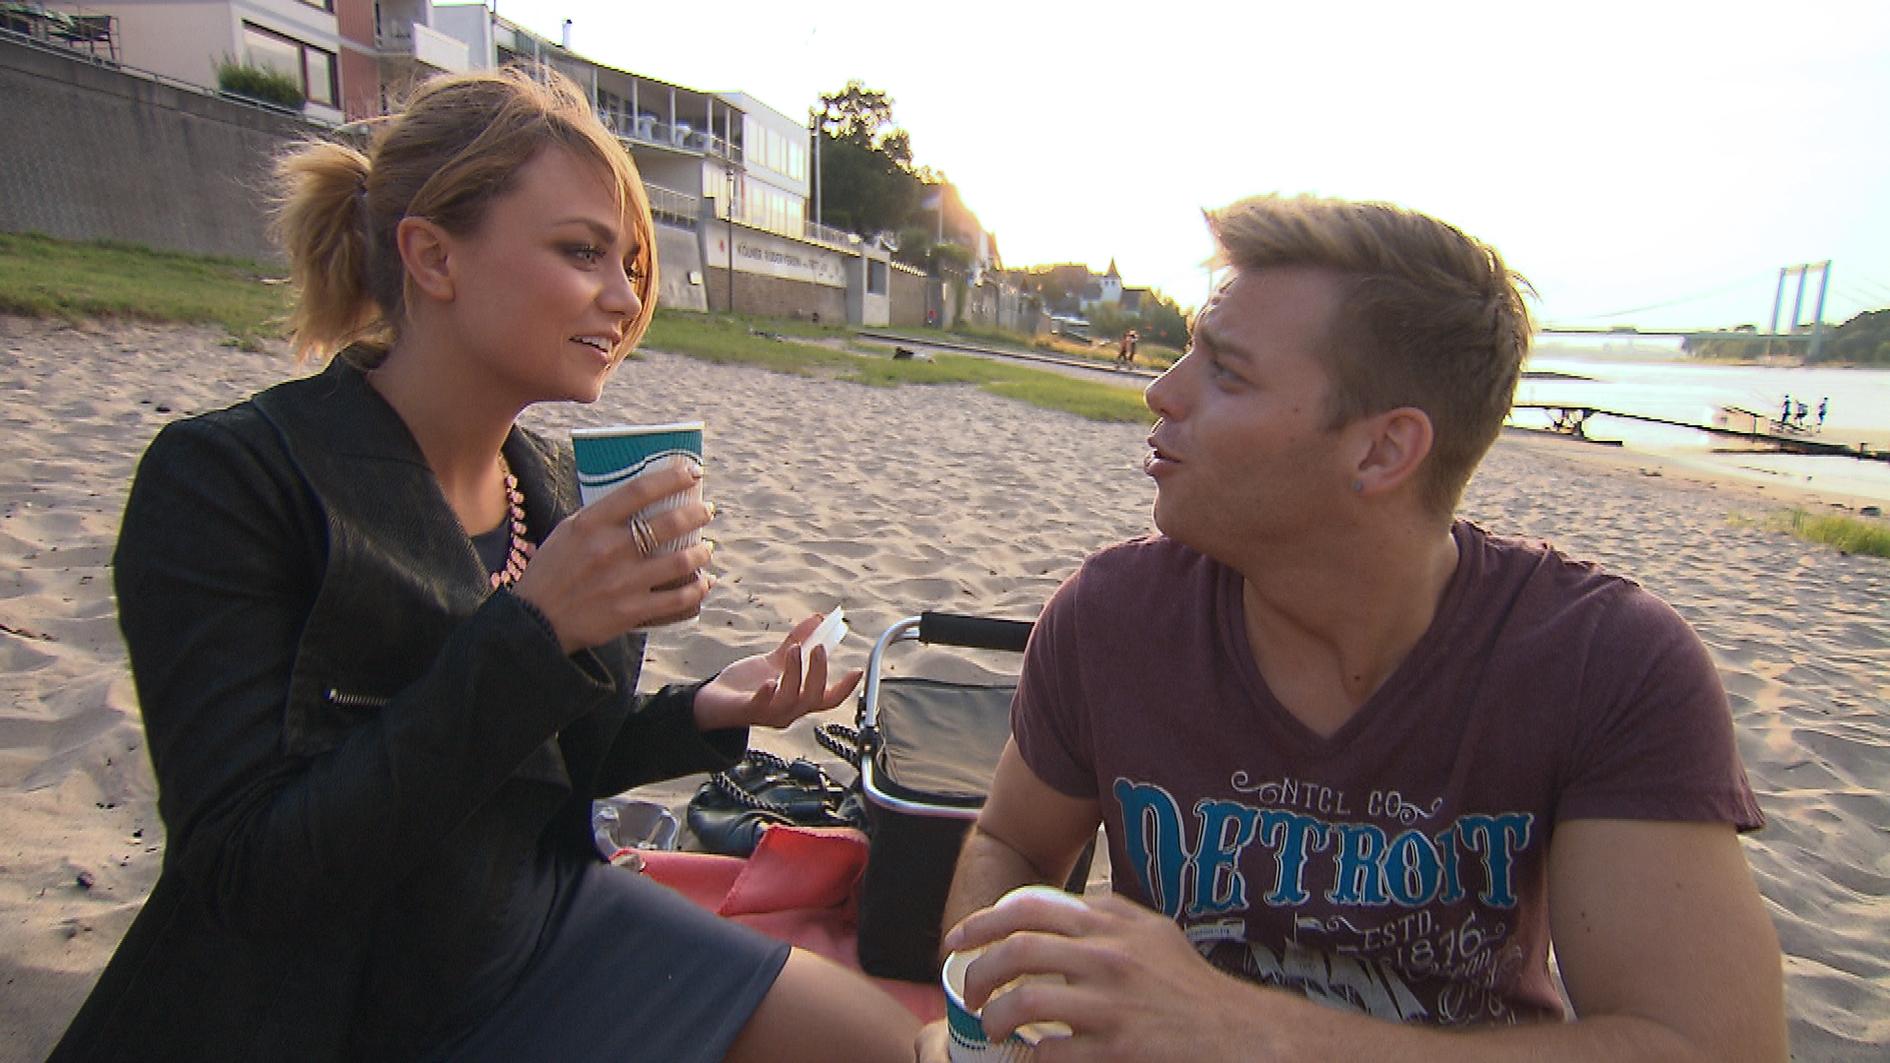 Felix beschließt, um Laura zu kämpfen und freut sich, dass sie sich auf ein Date mit ihm einlässt. Er genießt das gemeinsame Date in vollen Zügen und traut sich sogar Laura zu küssen. (Quelle: RTL 2)